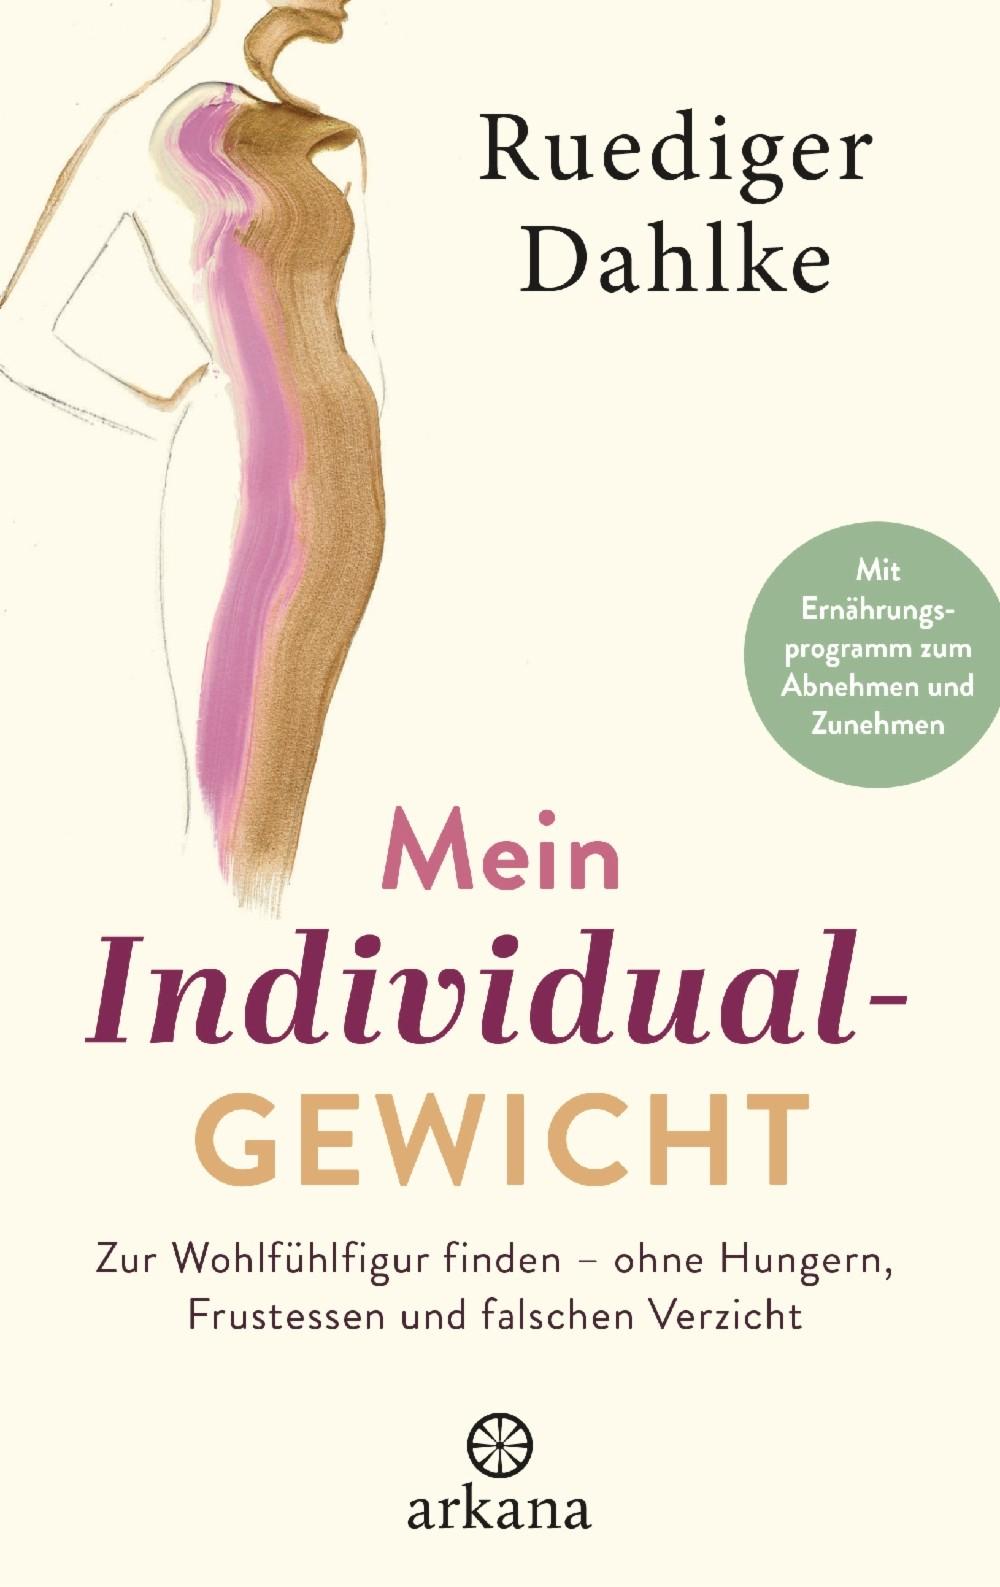 Mein Individualgewicht Ruediger Dahlke Hardcover NEU